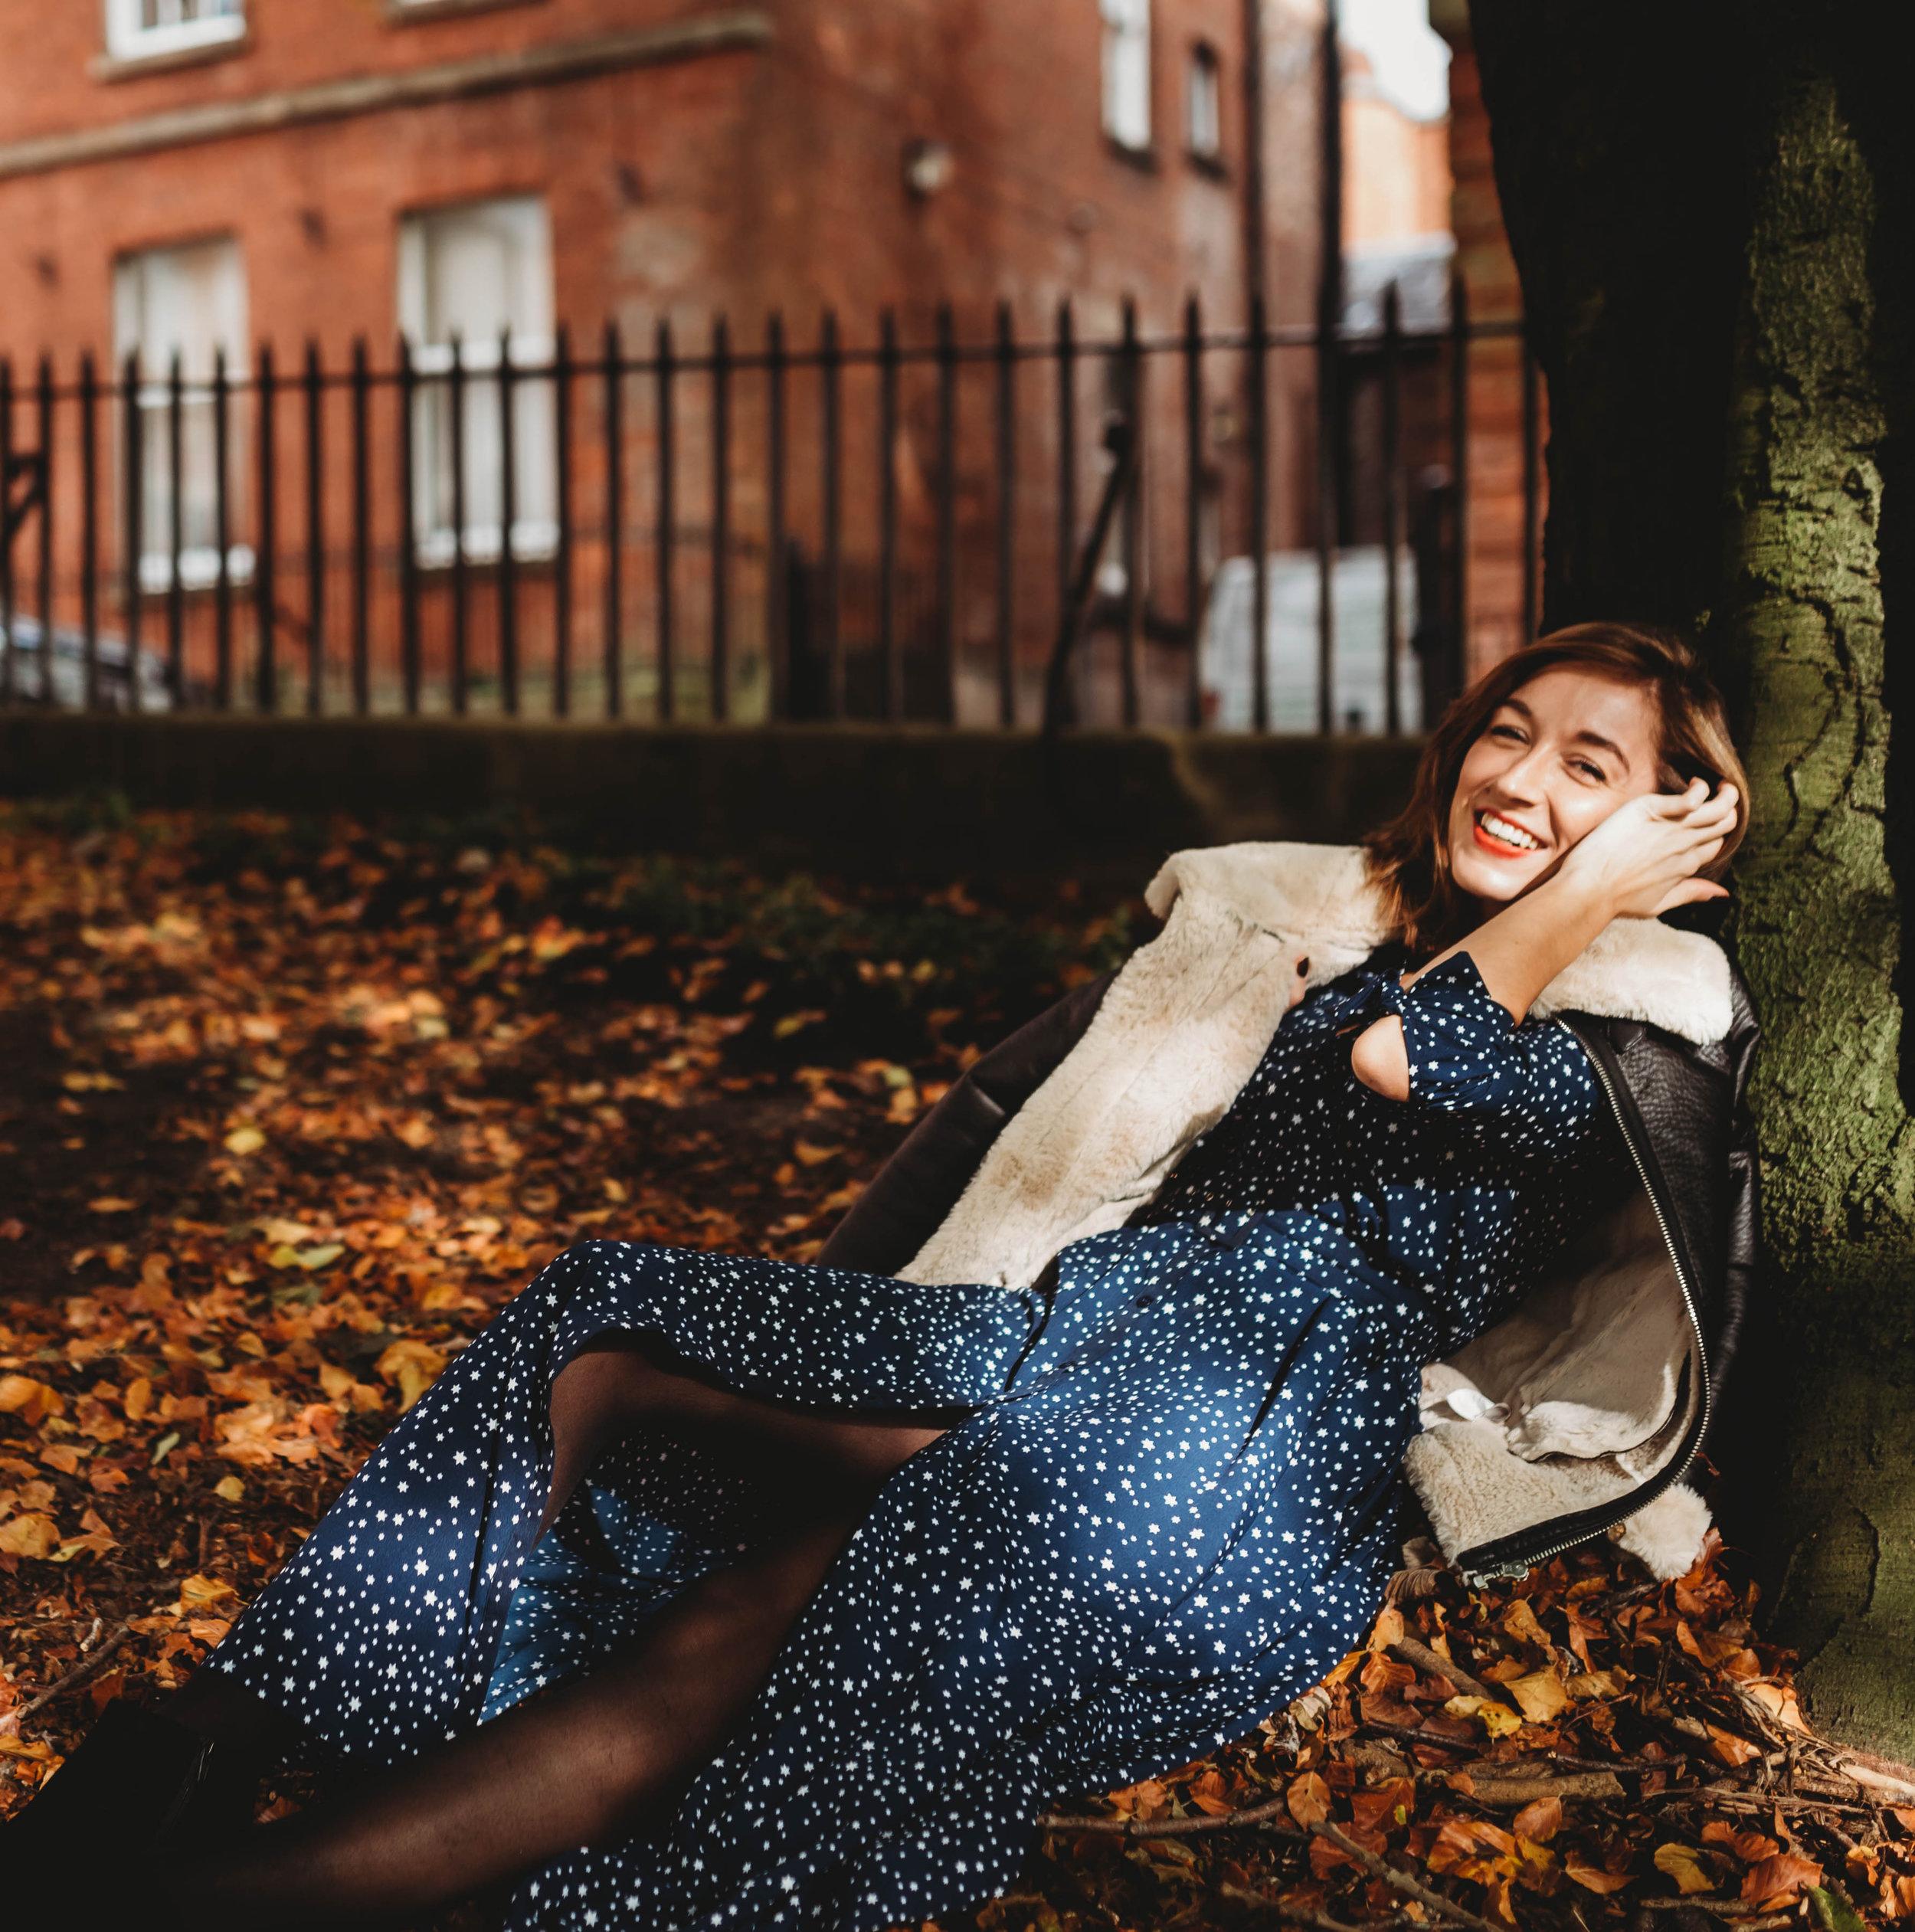 Outfit Details: Dress (Dancing Leopard at Silk Fred), Boots (Marks & Spencer), Jacket (Primark)